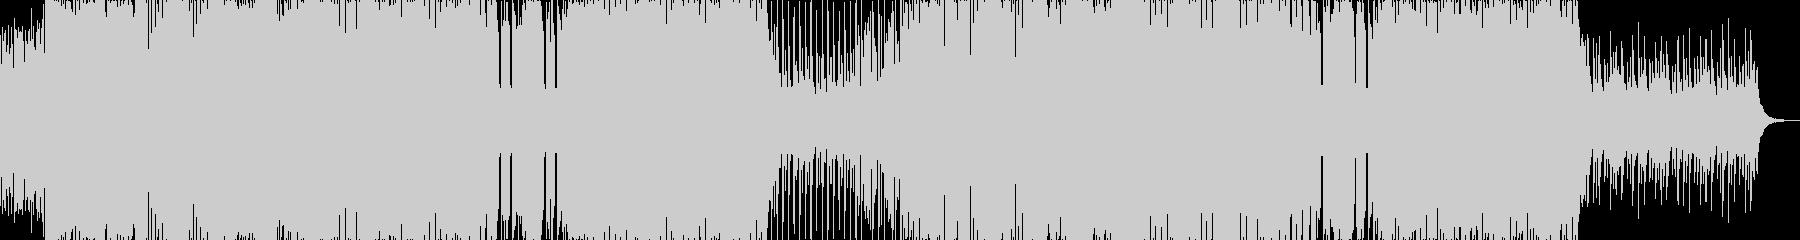 暗い鈍重な雰囲気の闇ダブステップEDMの未再生の波形